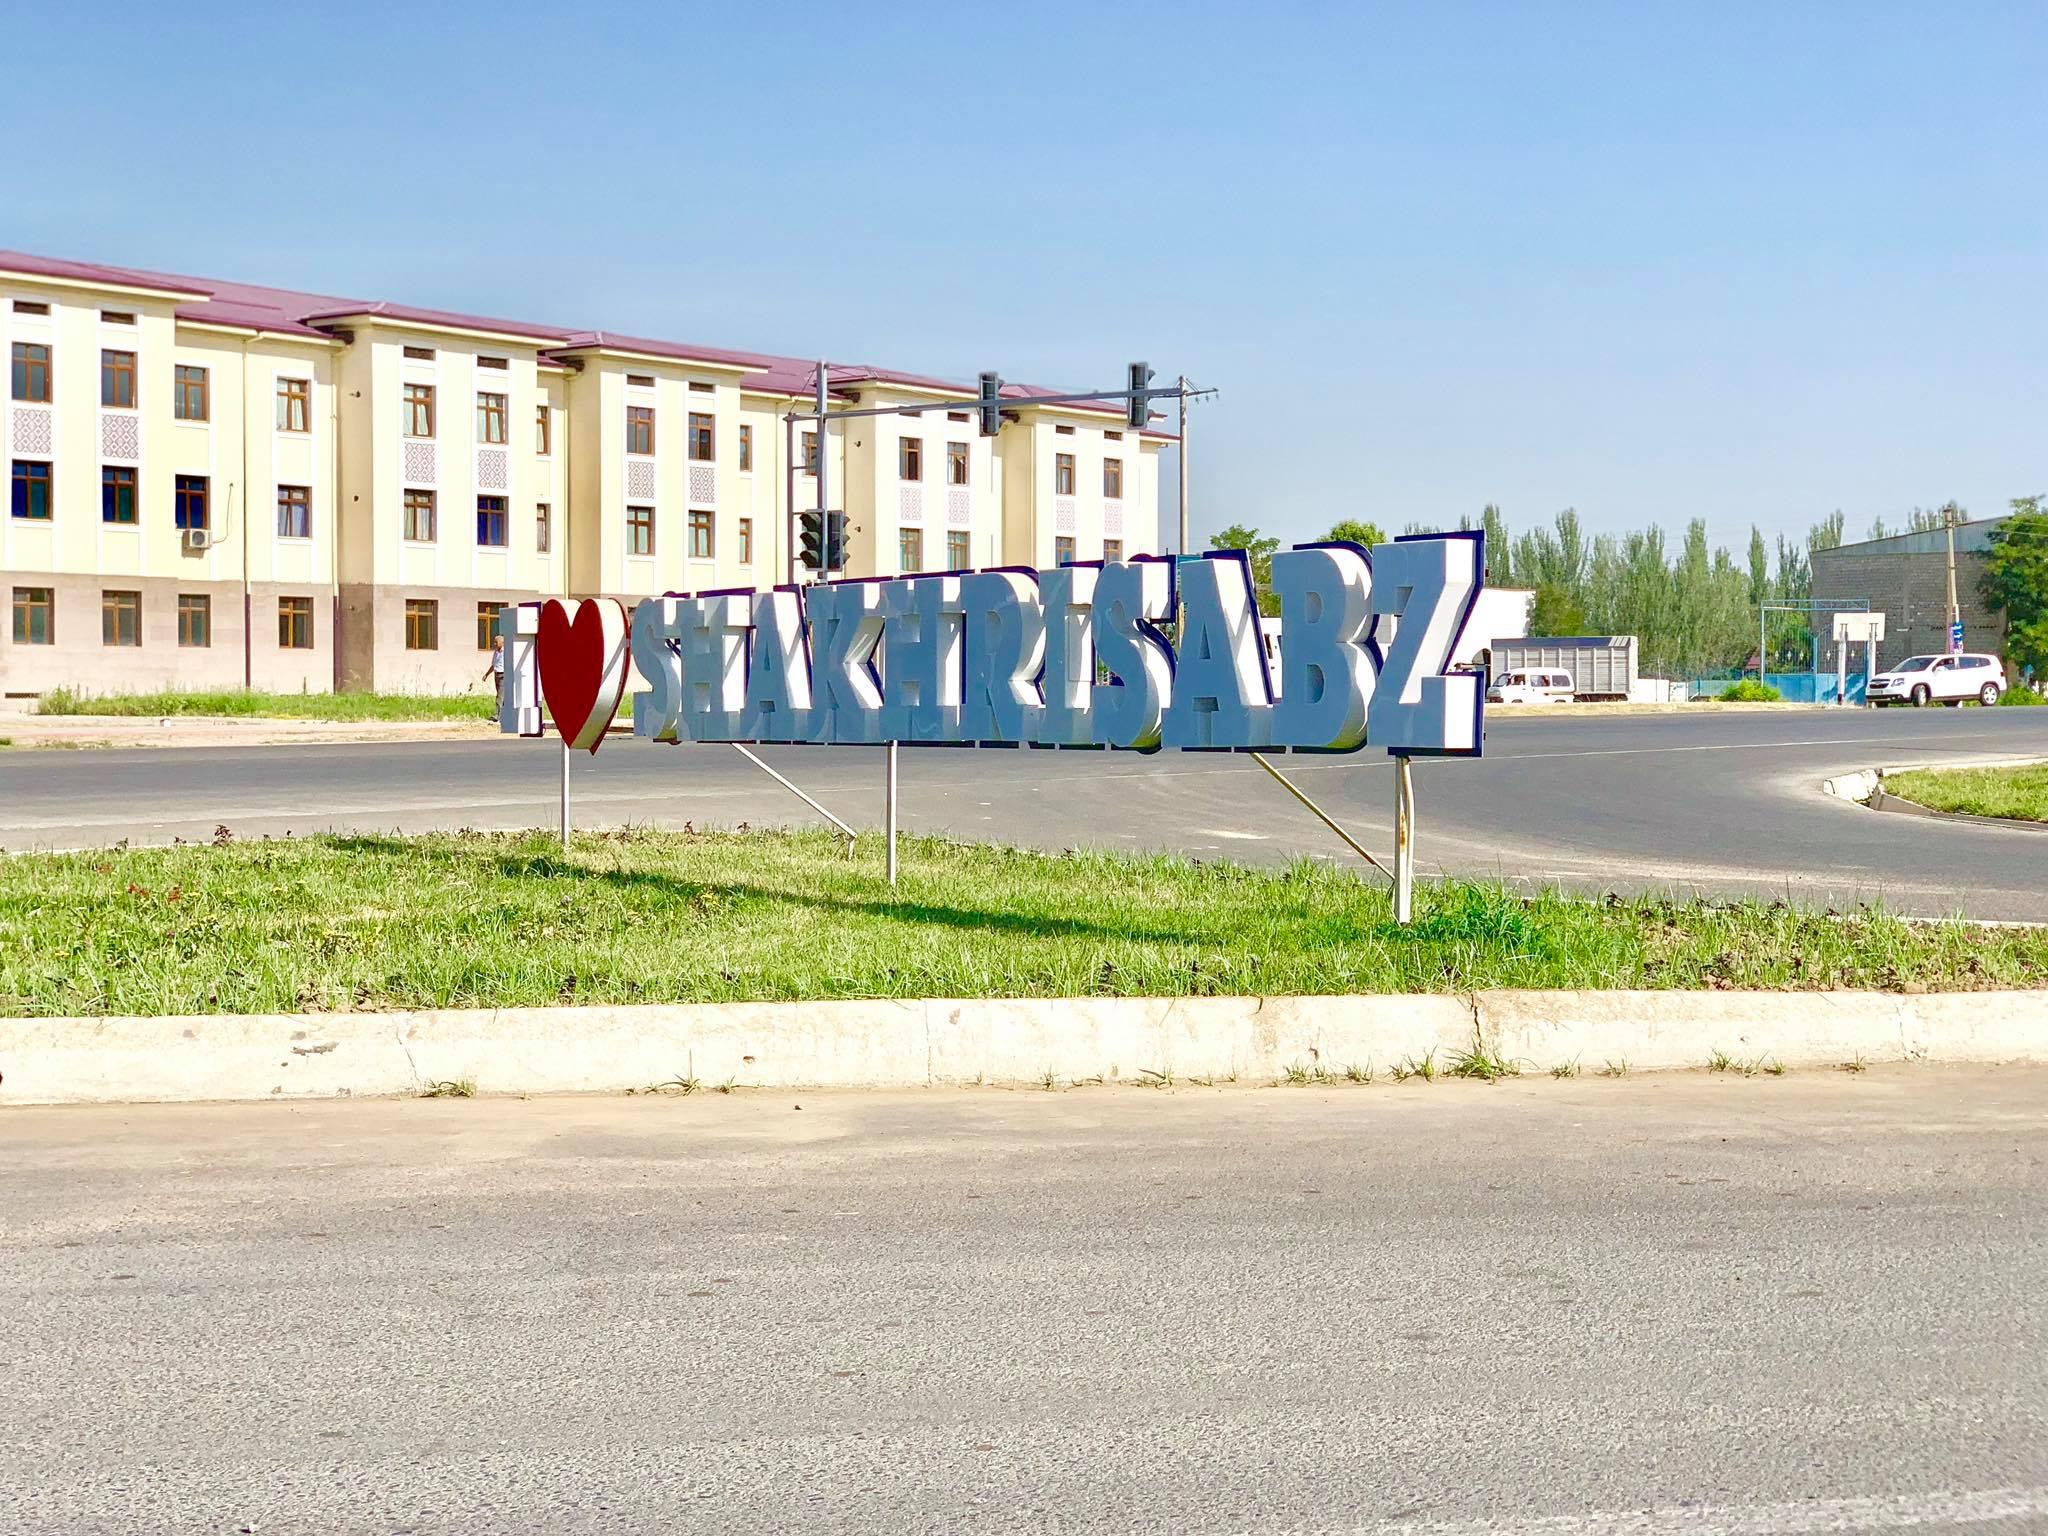 Kach Solo Travels in 2019 Last stop in Uzbekistan4.jpg